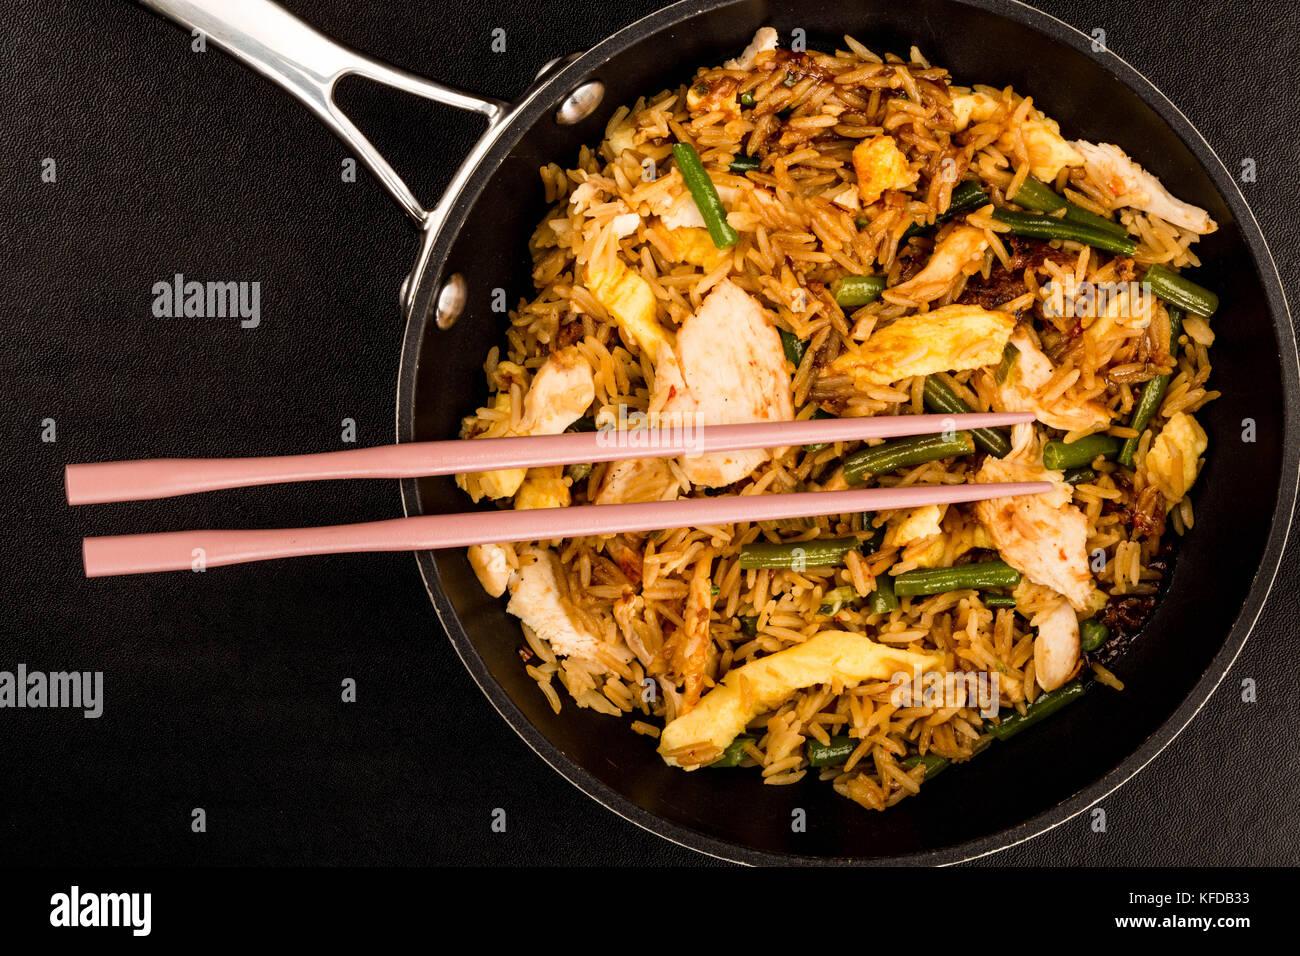 Style indonésien nasi goreng Poulet et riz repas contre un fond noir avec baguettes Photo Stock